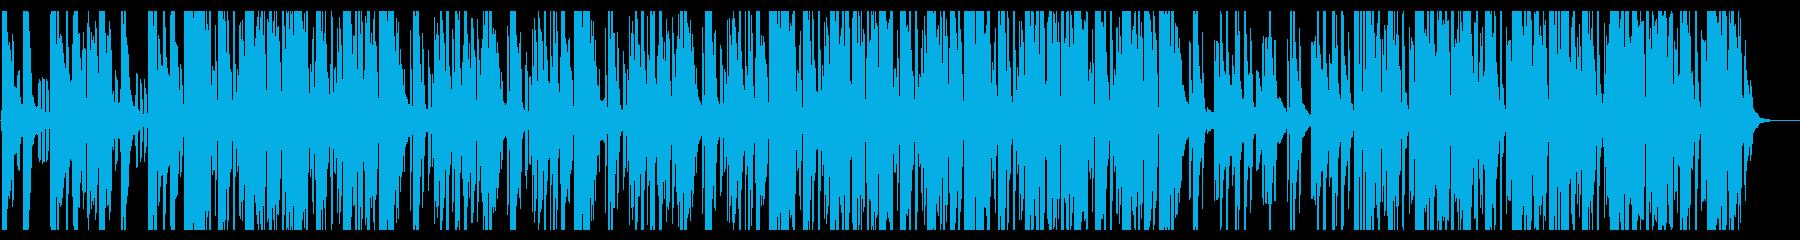 重苦しい雰囲気のHiphopの再生済みの波形